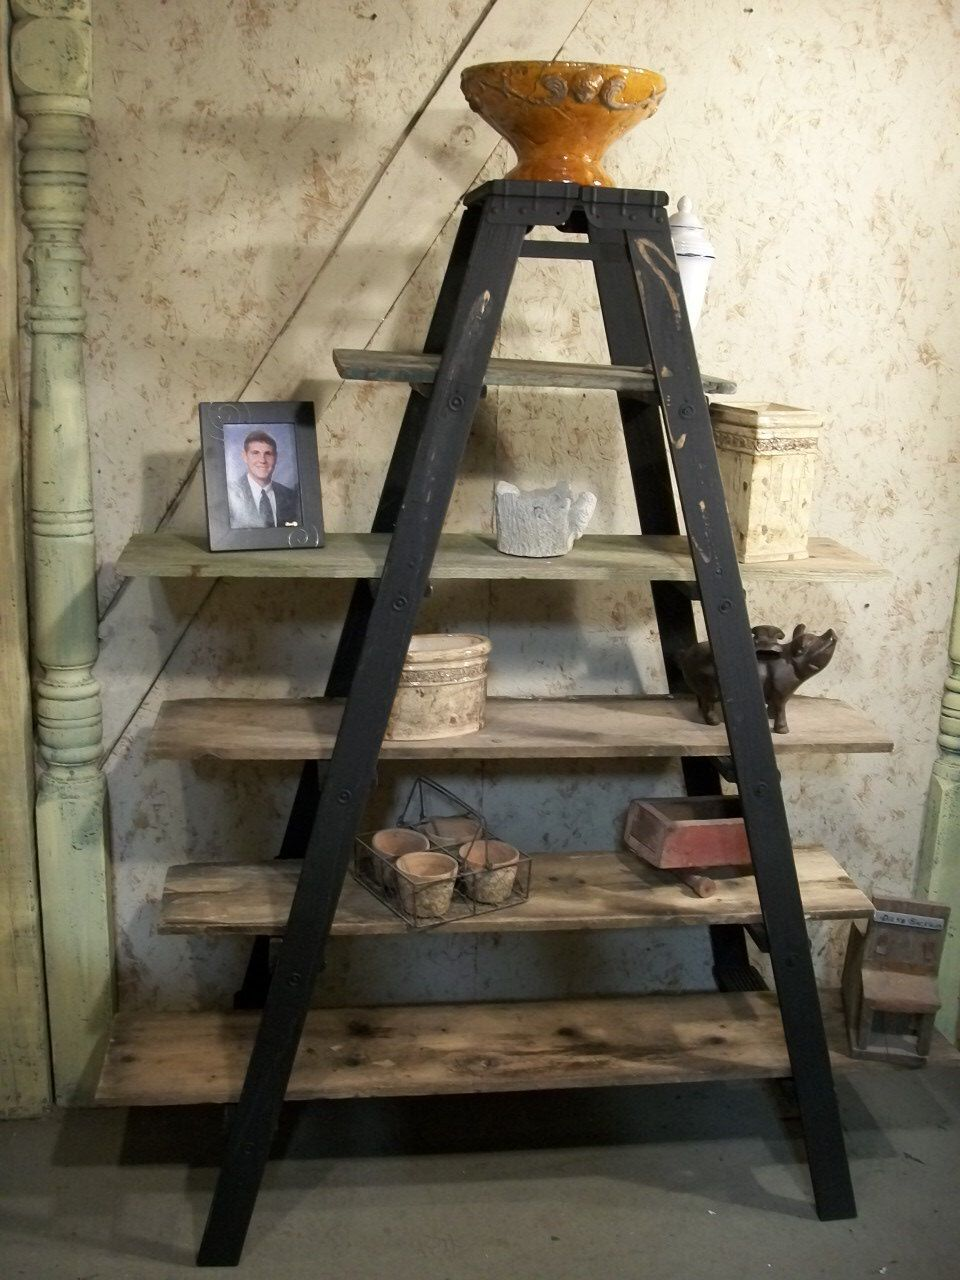 Double 6 Step Ladder Shelf Frame We Will Paint Or Leave It Natural Ladder Decor Ladder Shelf Wood Ladder Shelf